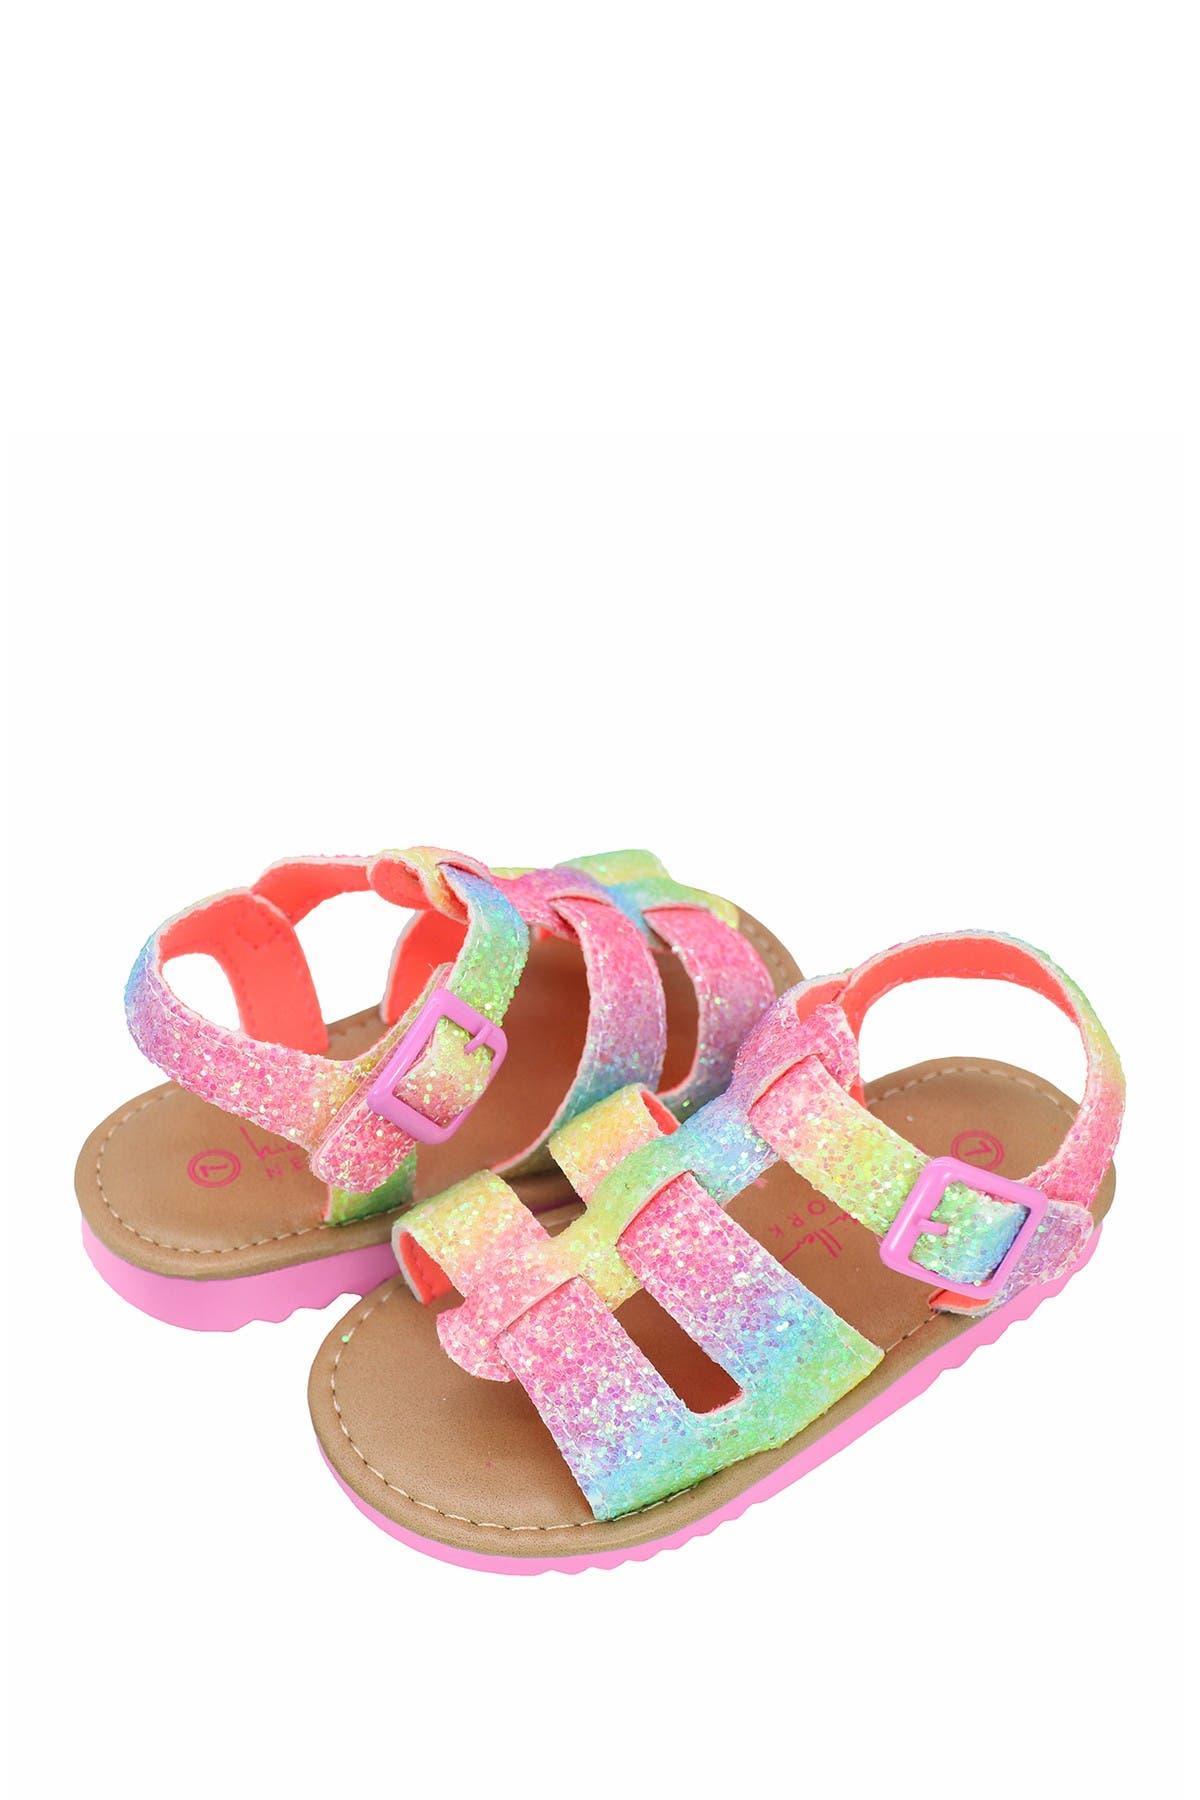 Image of Nicole Miller Chunky Glitter Sandal